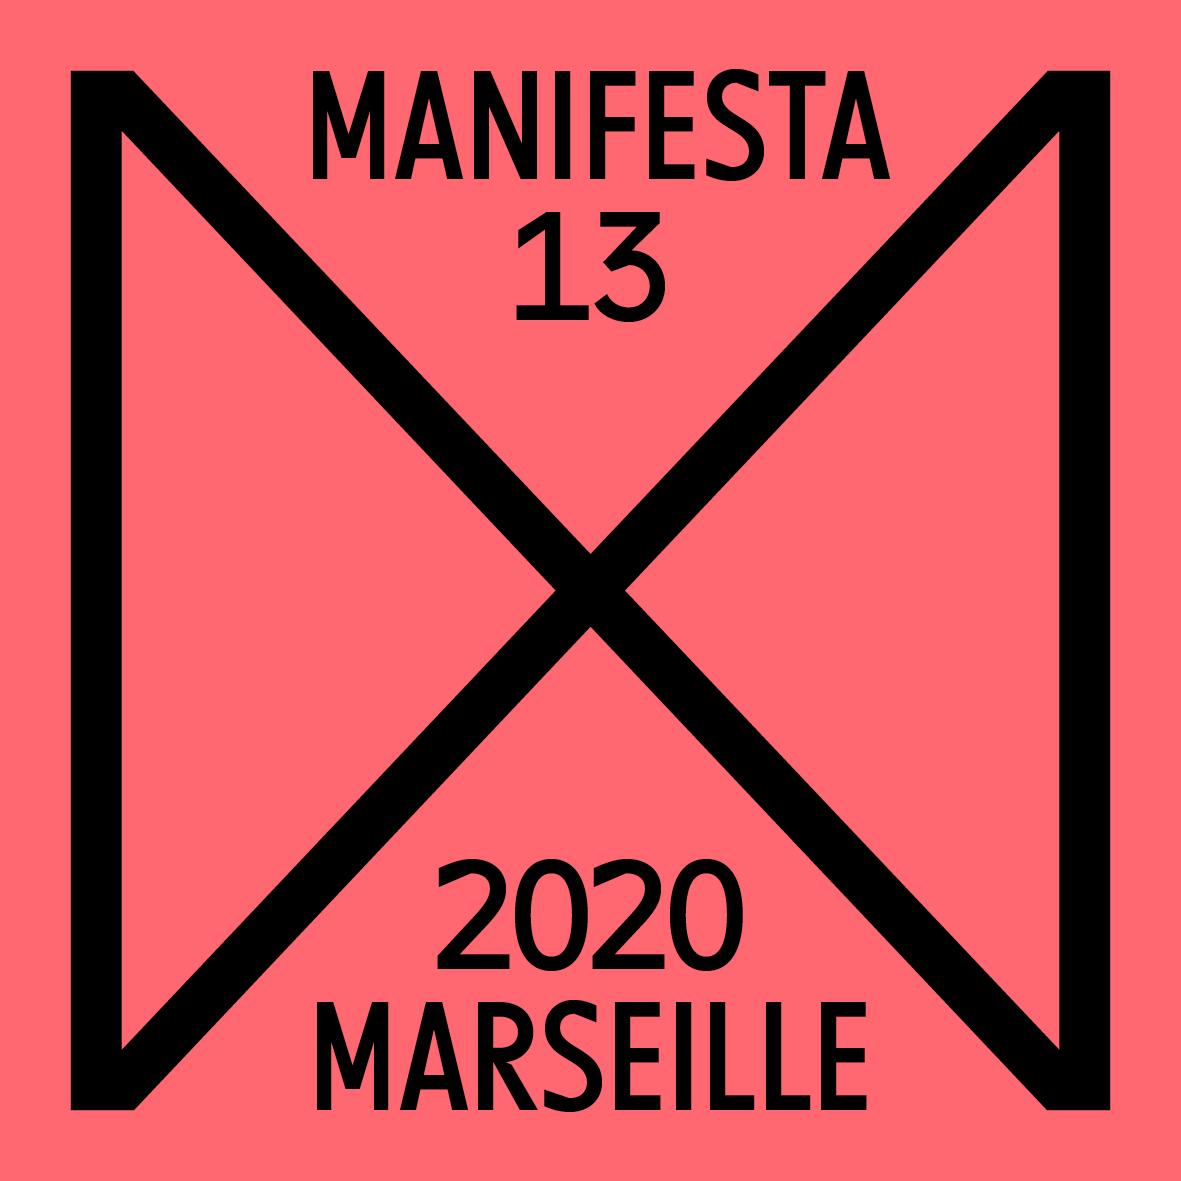 Rinviata anche Manifesta 13. Doveva tenersi a giugno a Marsiglia